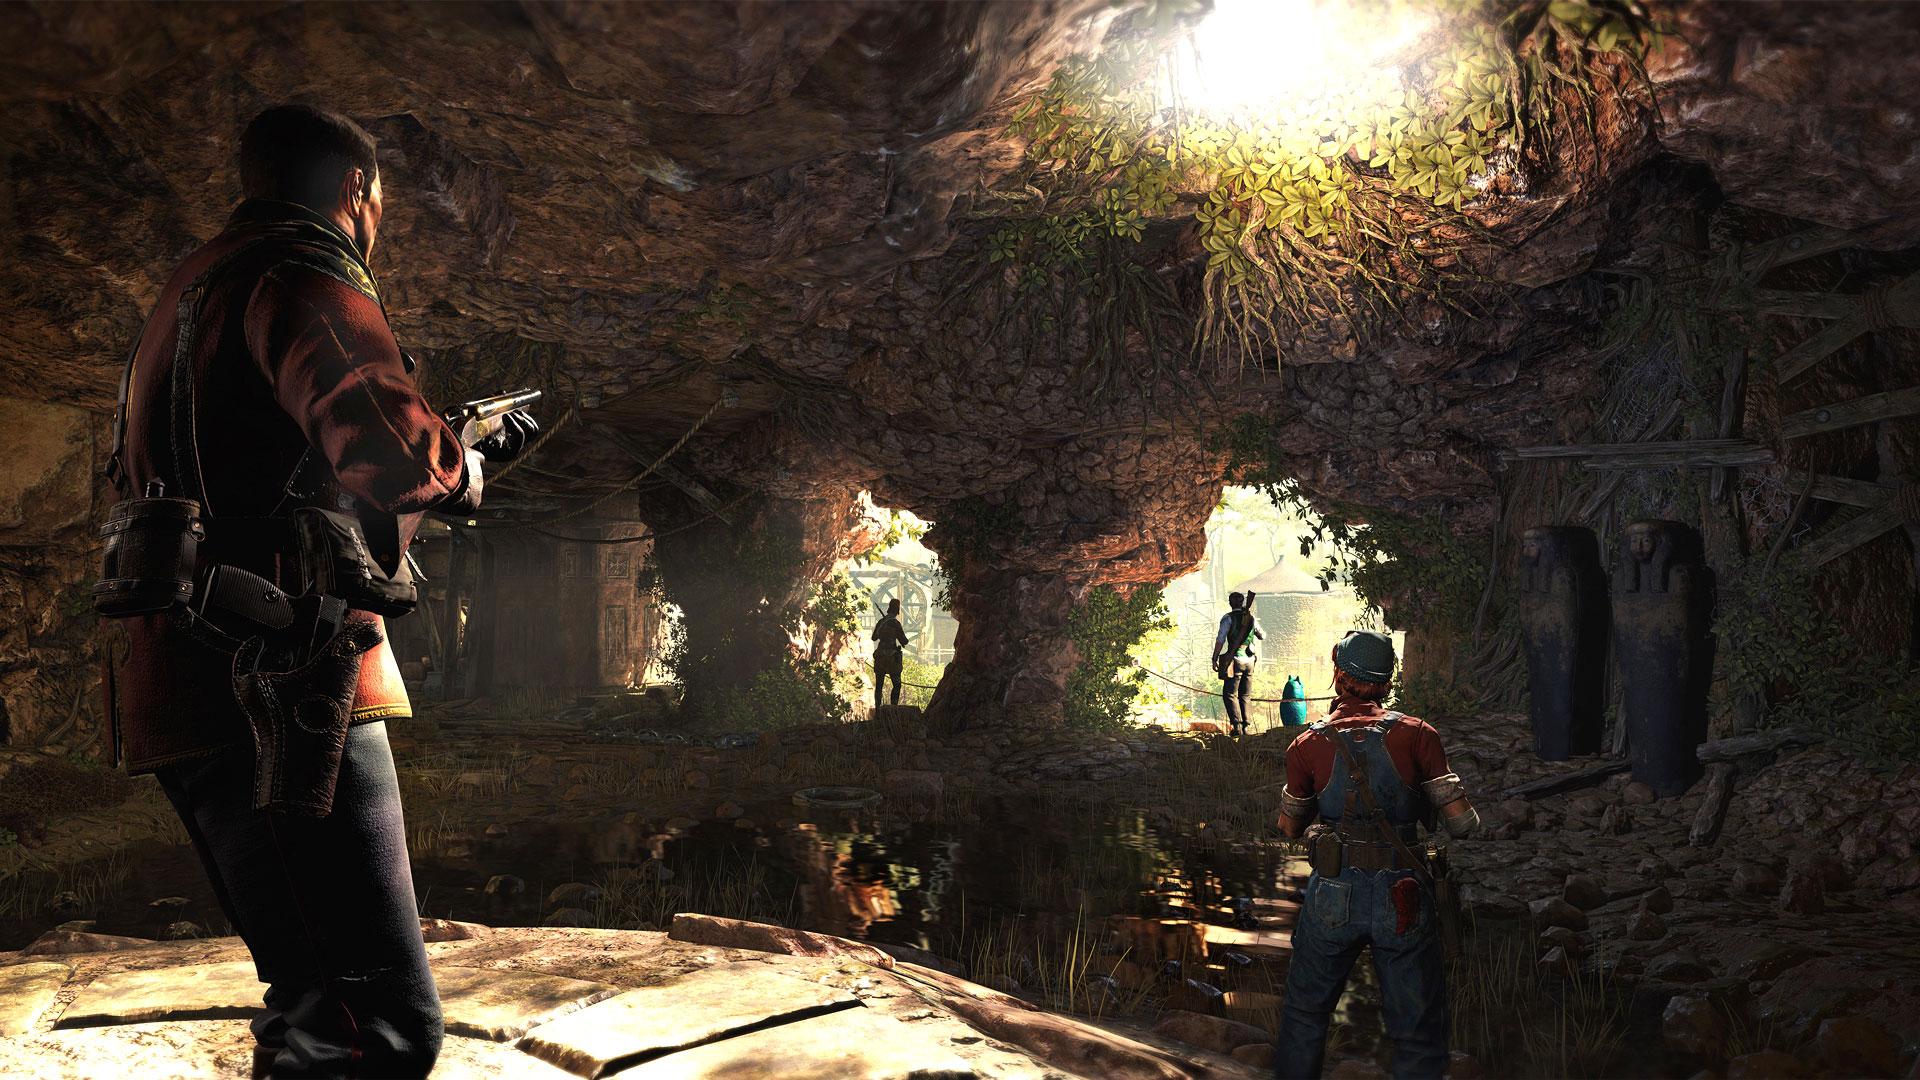 """Wie """"Sniper Elite"""" hat Rebellion seinen Squad-Shooter """"Strange Brigade"""" mit der hauseigenen """"Asura""""-Engine entwickelt. Der sieht man das fortgeschrittene Alter hin und wieder an, trotzdem überzeugt die Ballerei mit Detail-gespickter Level-Kosmetik."""